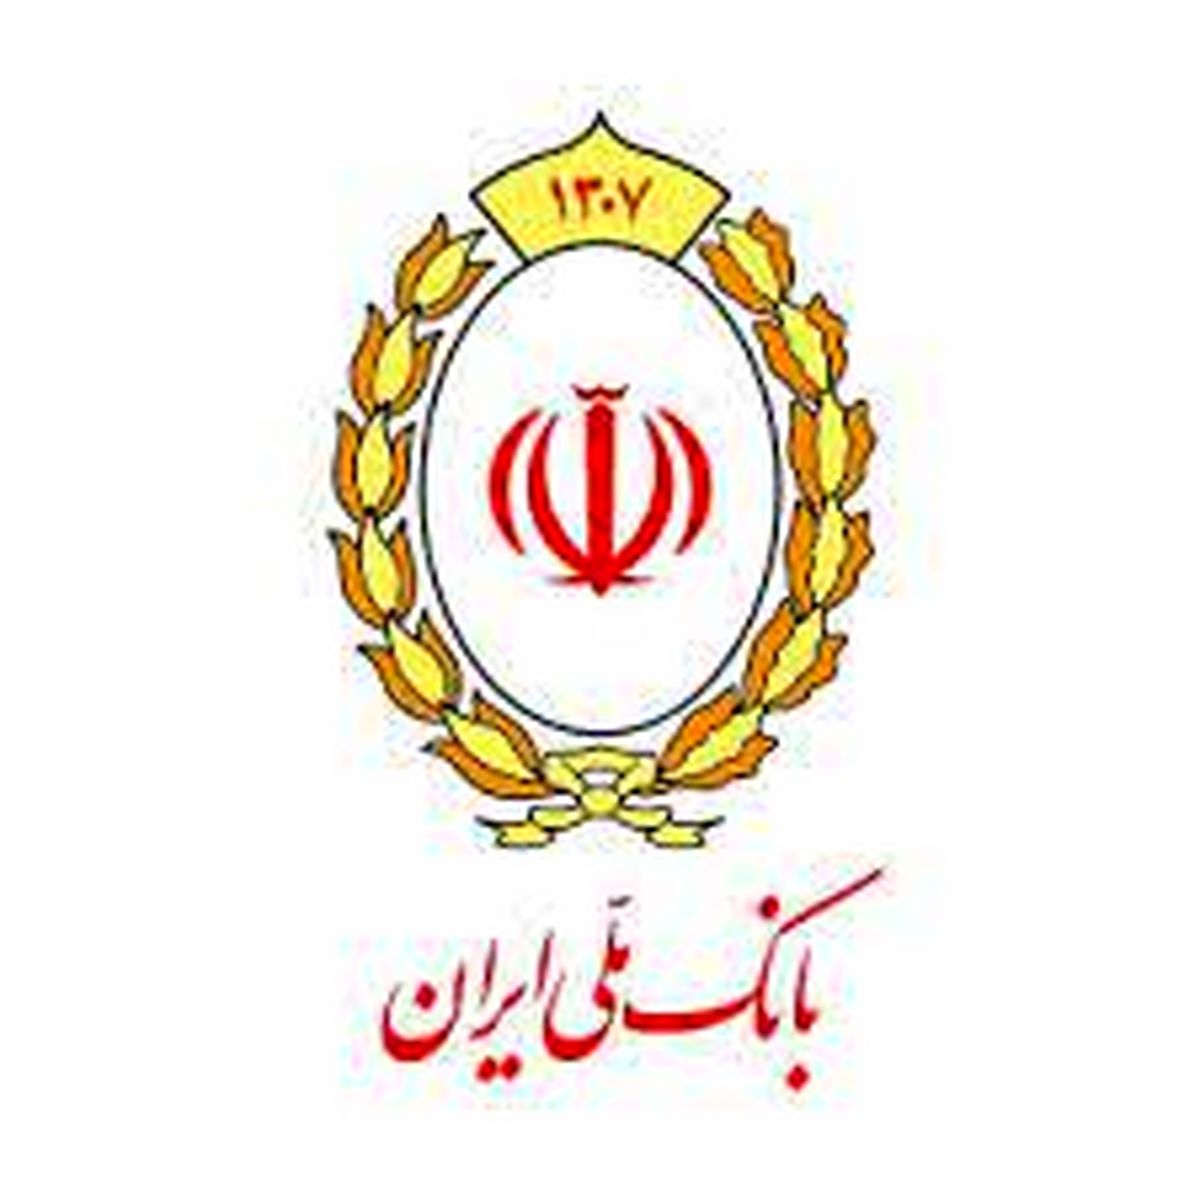 تعیین تکلیف املاک مازاد بانک ملی ایران در سال 1399